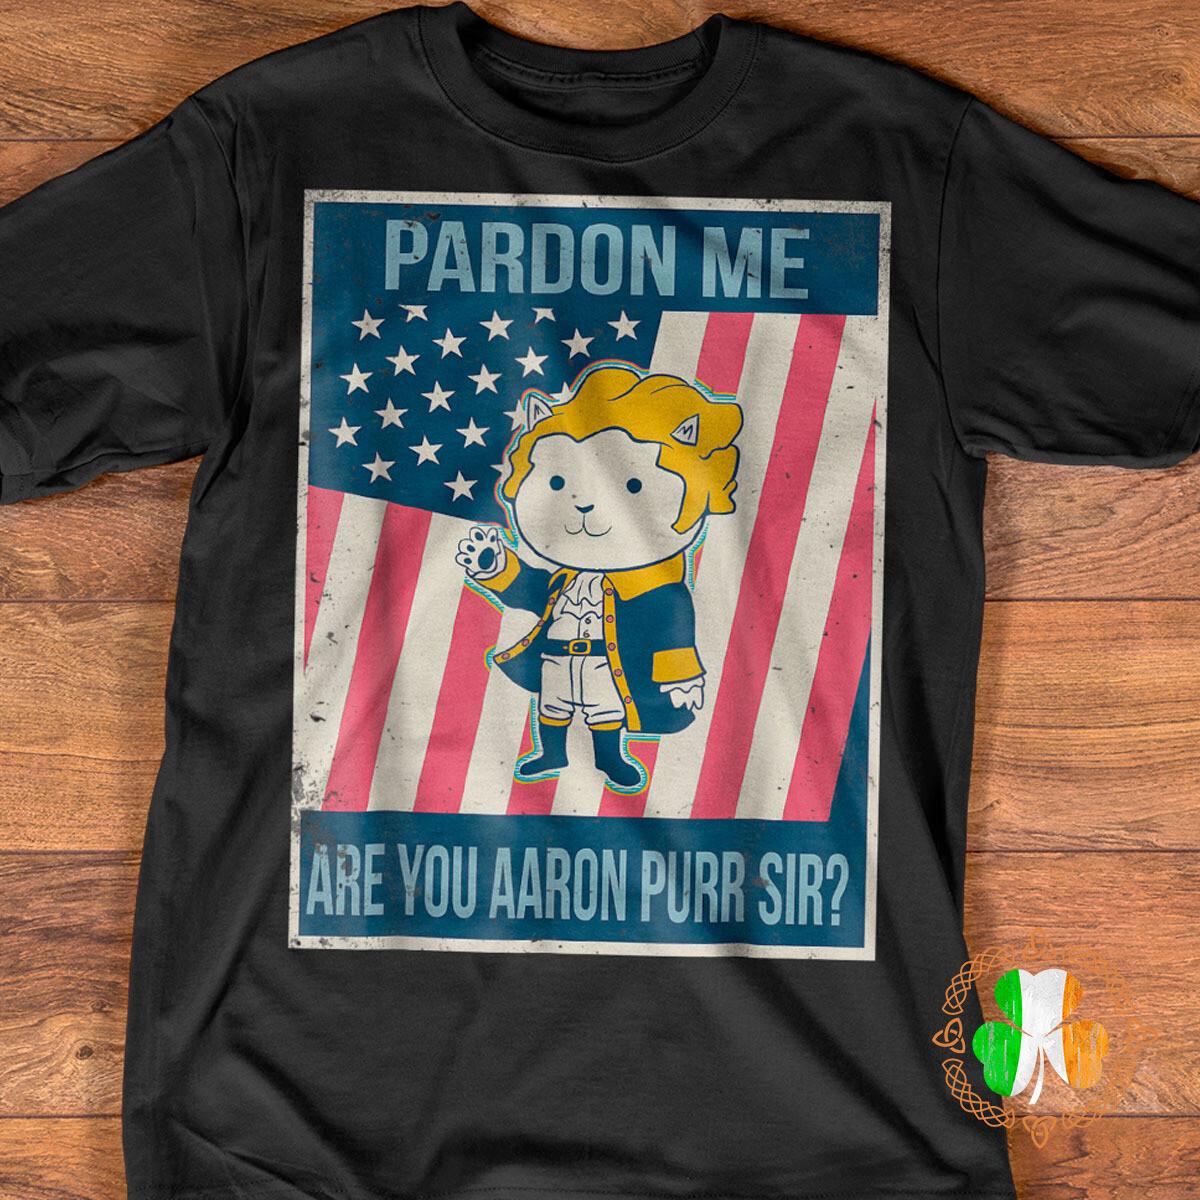 Musical Cat pardon me are you aaron purr sir shirt